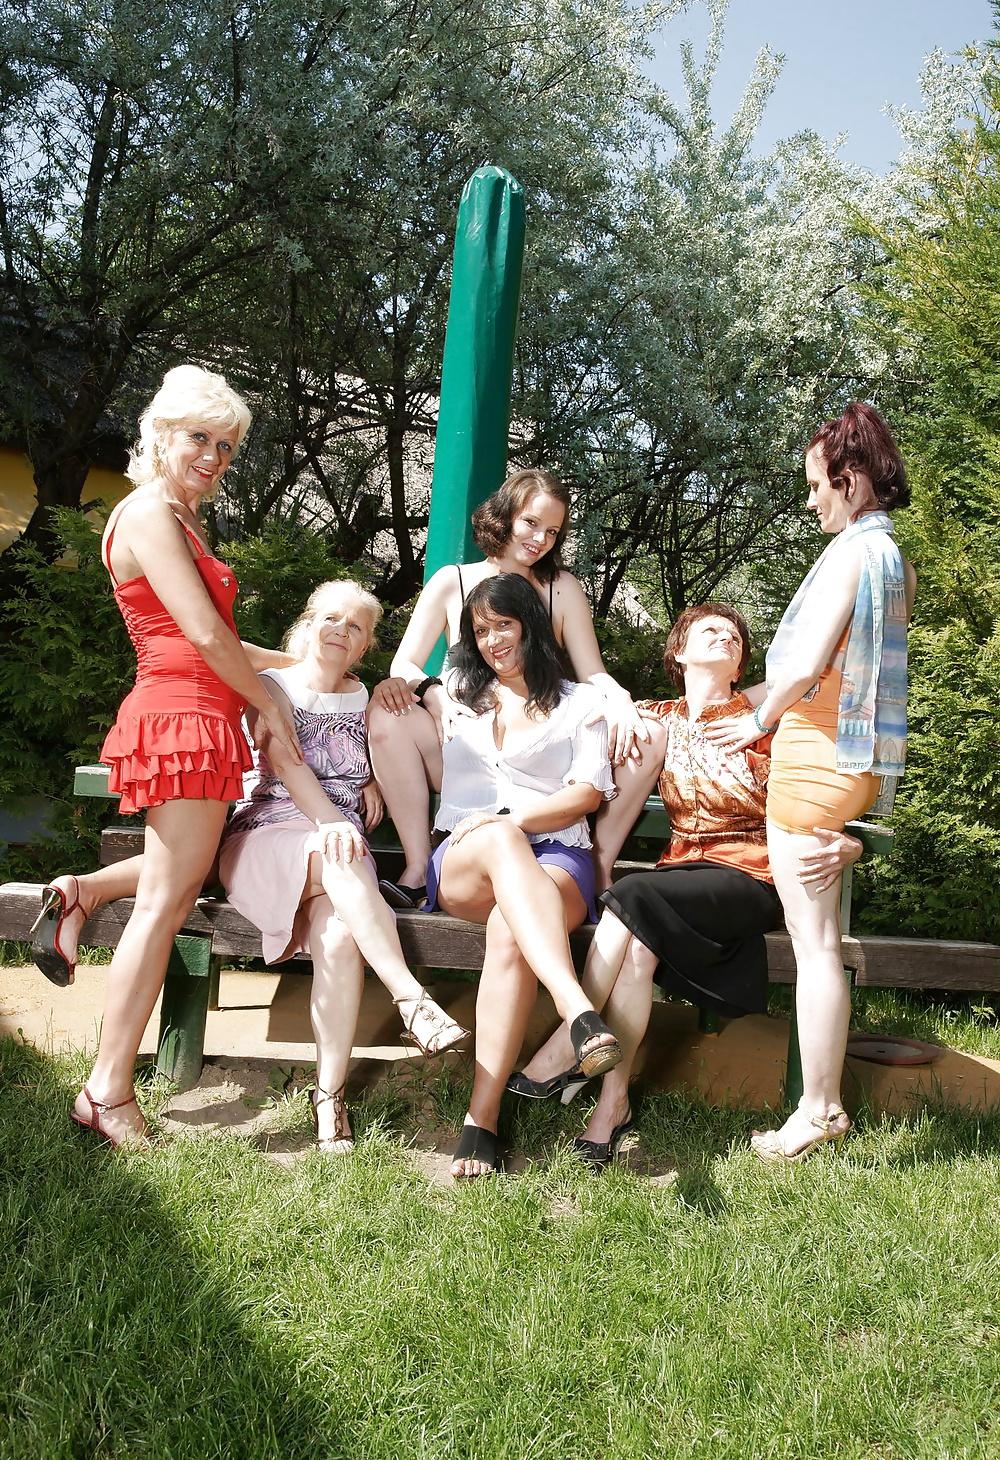 лесбиянки на покосе - 7